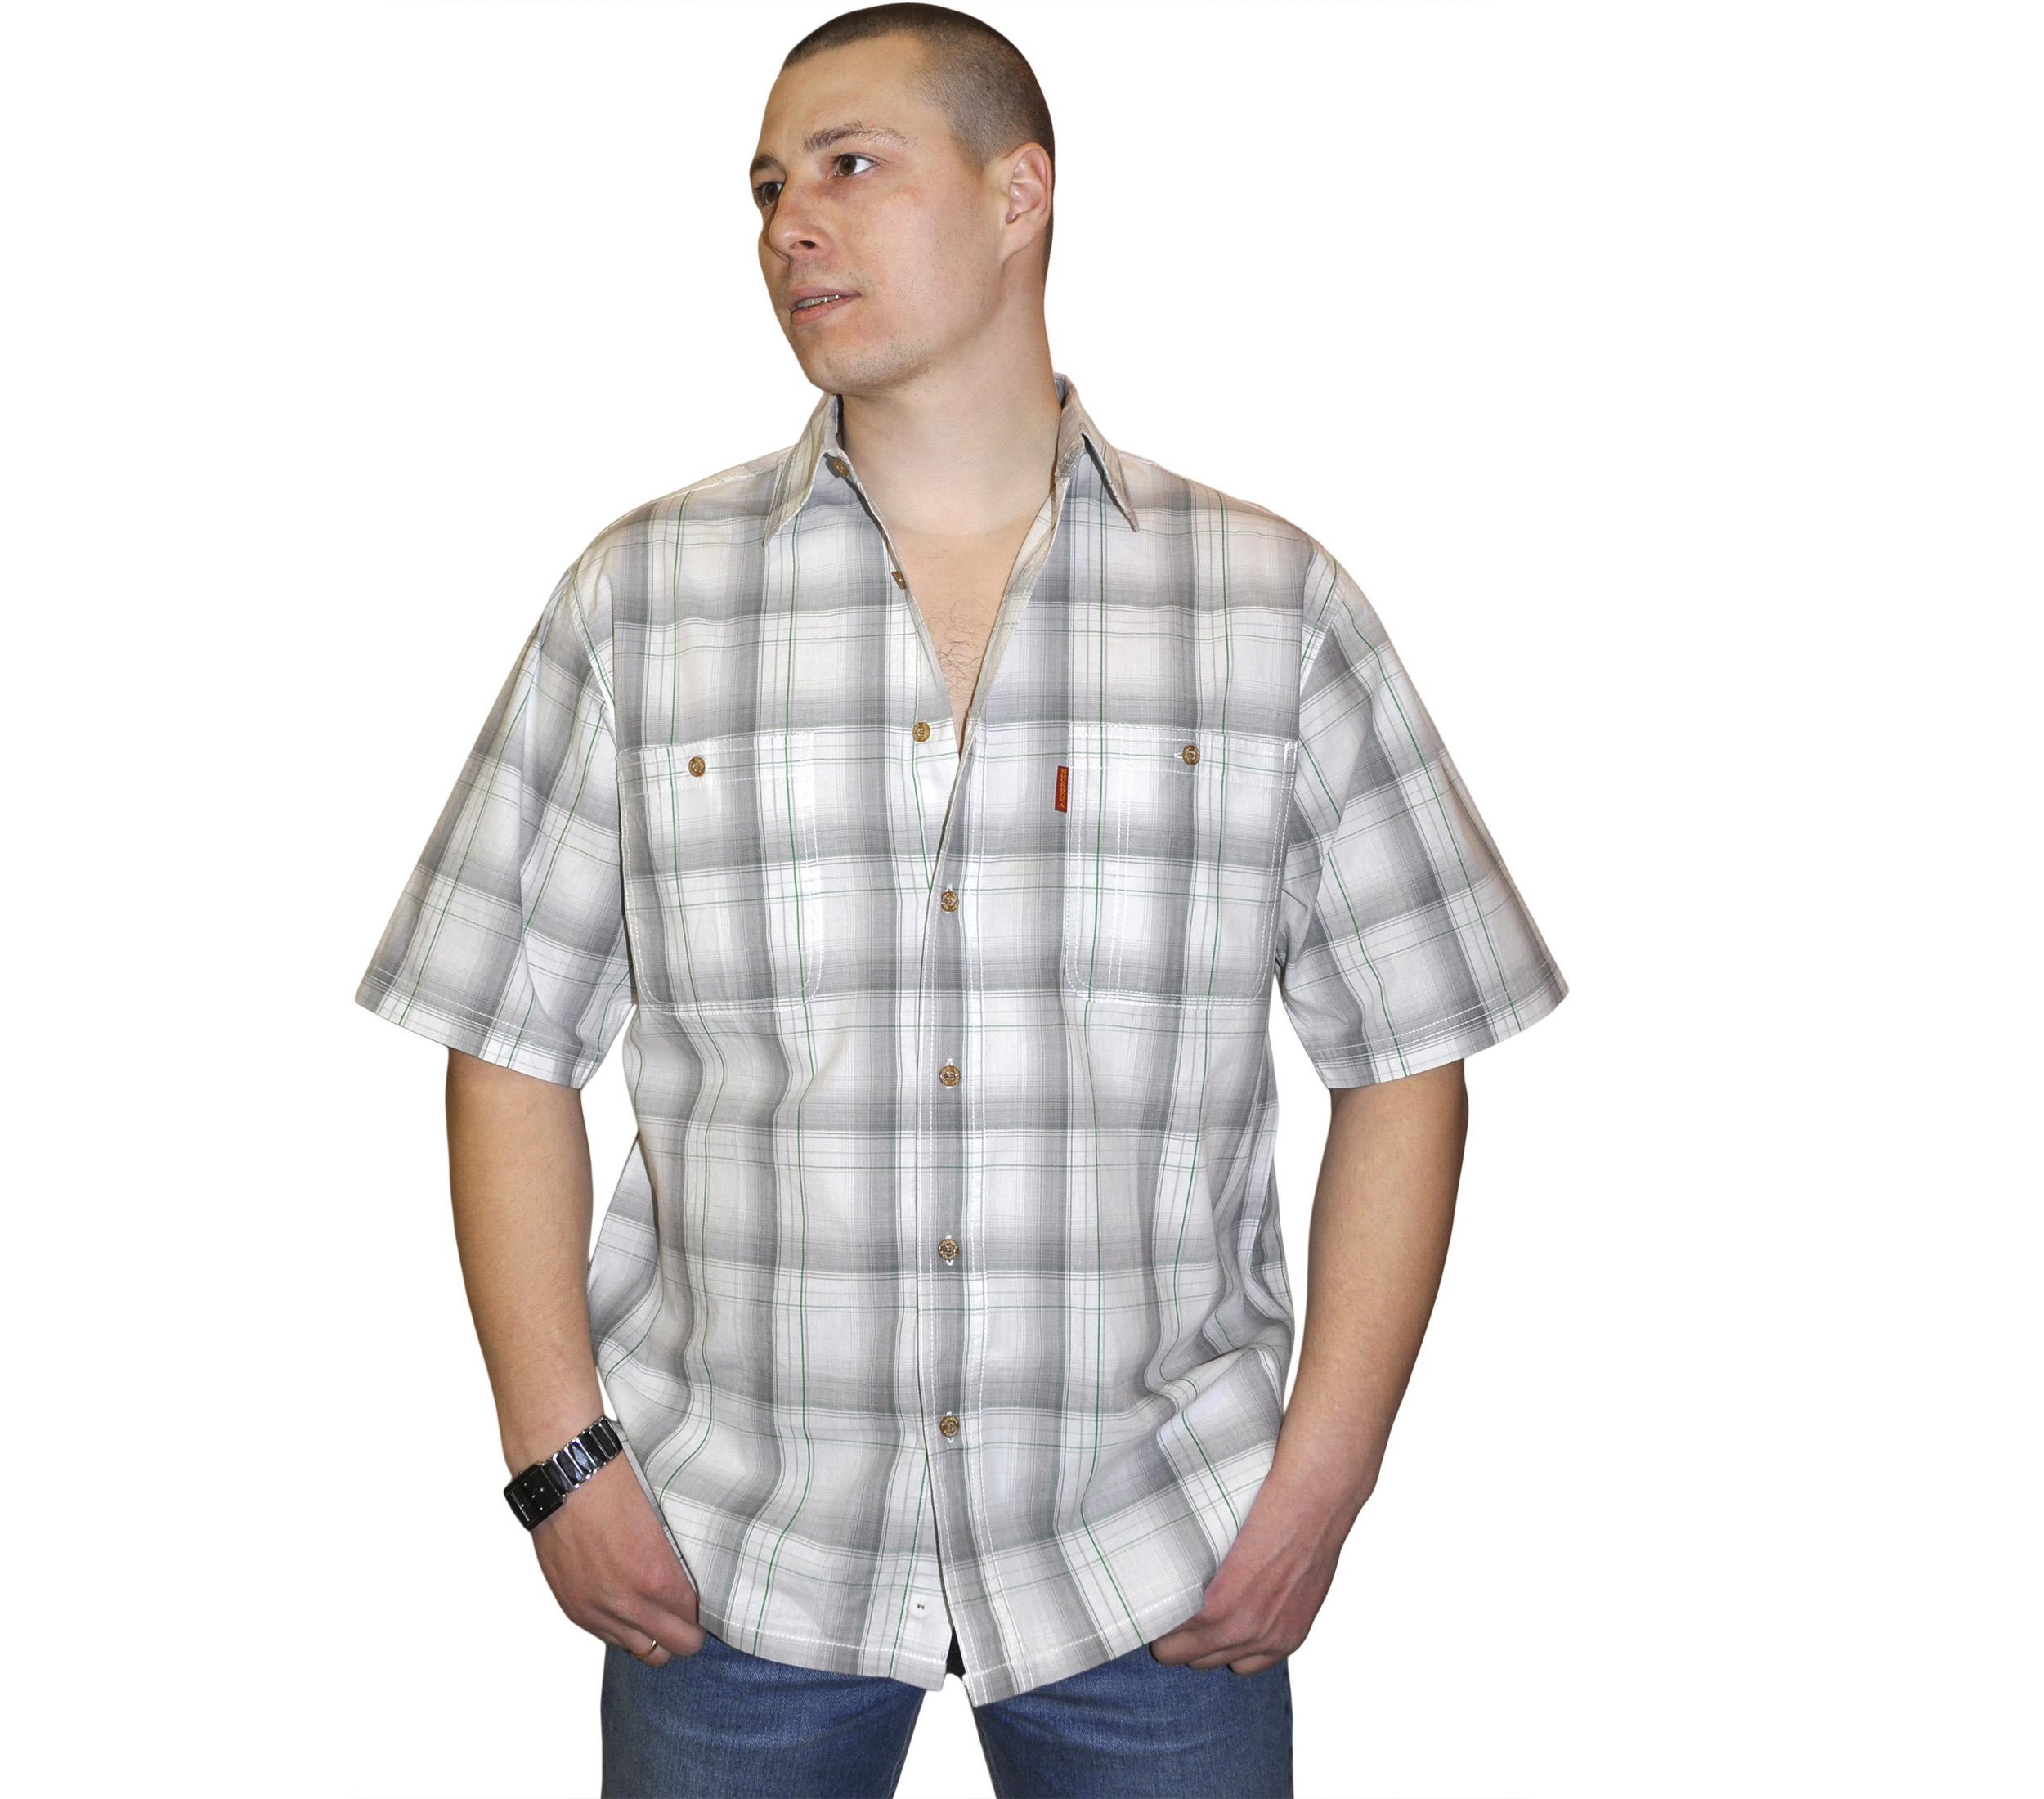 Рубашка с коротким рукавом в крупную бело-серую клетку с зеленой